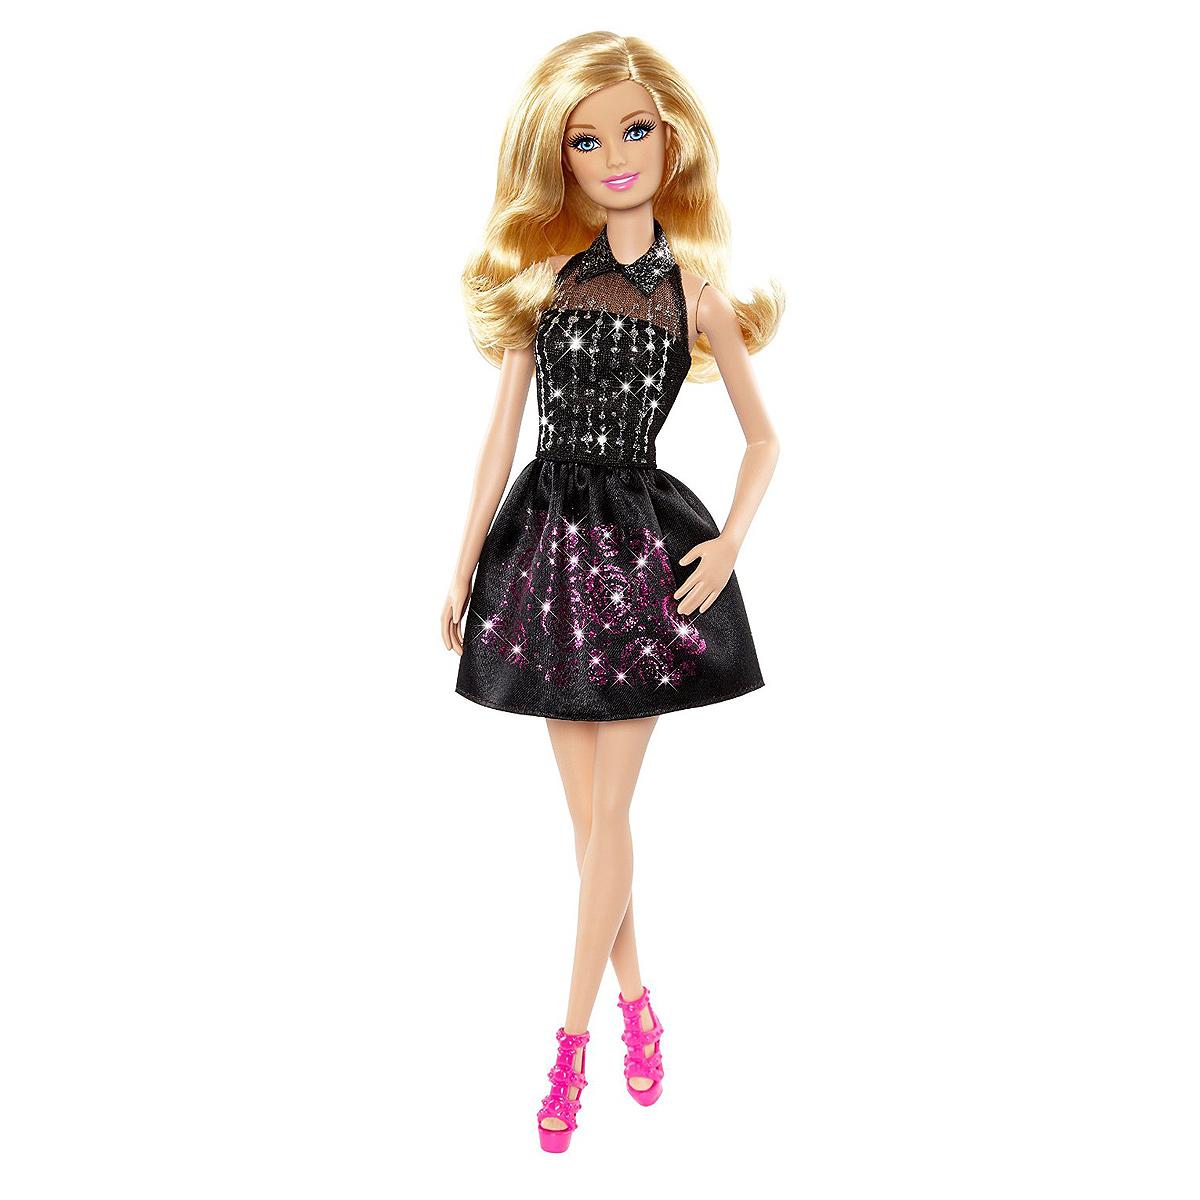 Barbie Кукла Сияющие нарядыCCN12Добавьте блеска в вашу жизнь! С этим роскошным набором девочки могут добавить гламурного блеска в кукольный гардероб Barbie. Набор представлен приборами для дизайна одежды в три несложных этапа. Для начала выберите один из 5 предметов одежды и клейкую аппликацию. Наденьте предмет одежды на манекен и приклейте аппликацию, а затем раскатайте ее валиком. Снимите пластиковую обёртку и раскрасьте получившиеся узоры ручкой с блестящими серебристыми или розовыми чернилами. Уберите кисточкой лишнее, и платье готово! В набор входит кукольное платье, туфельки, две юбки, валик, кисточка, три клейких аппликации с различными узорами, две ручки с блестящими серебристыми или розовыми чернилами и один манекен.